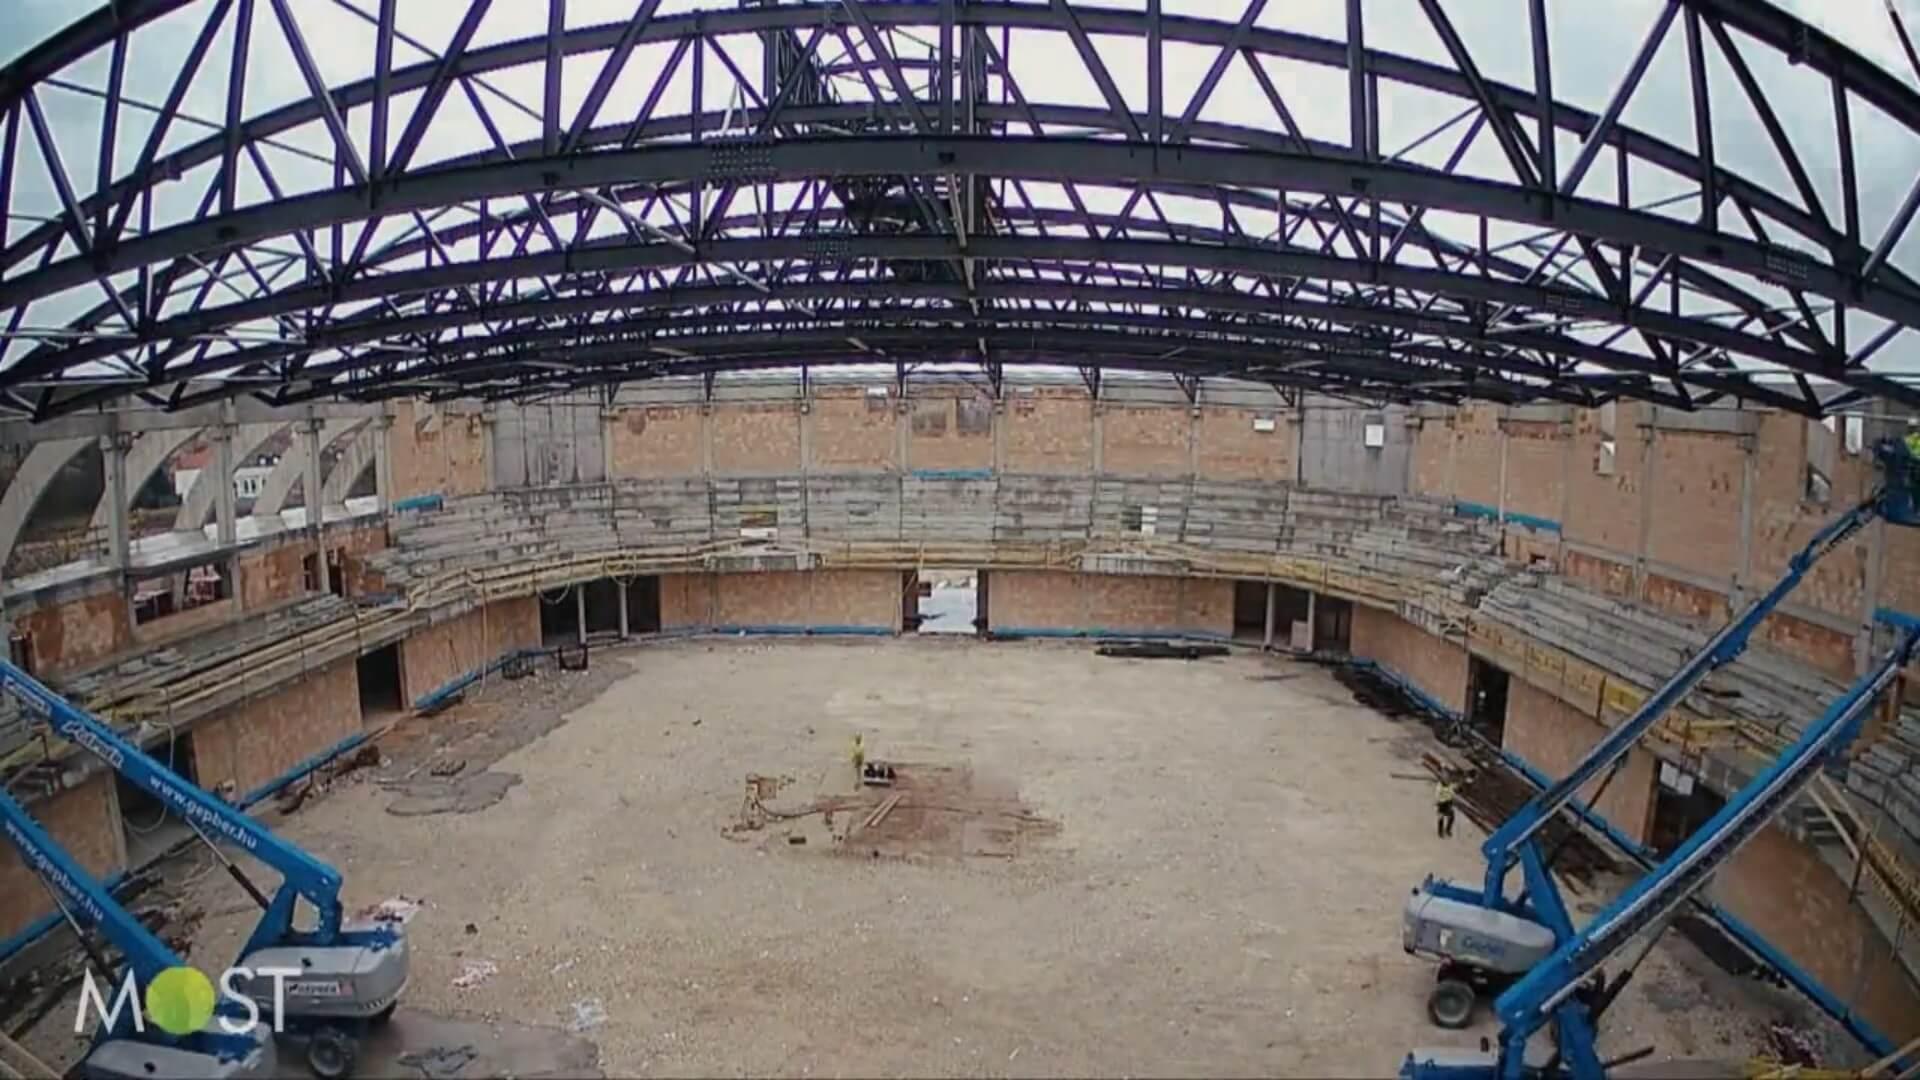 Már a bokrétaünnepségnél tart Kaposvár új sportcsarnoka